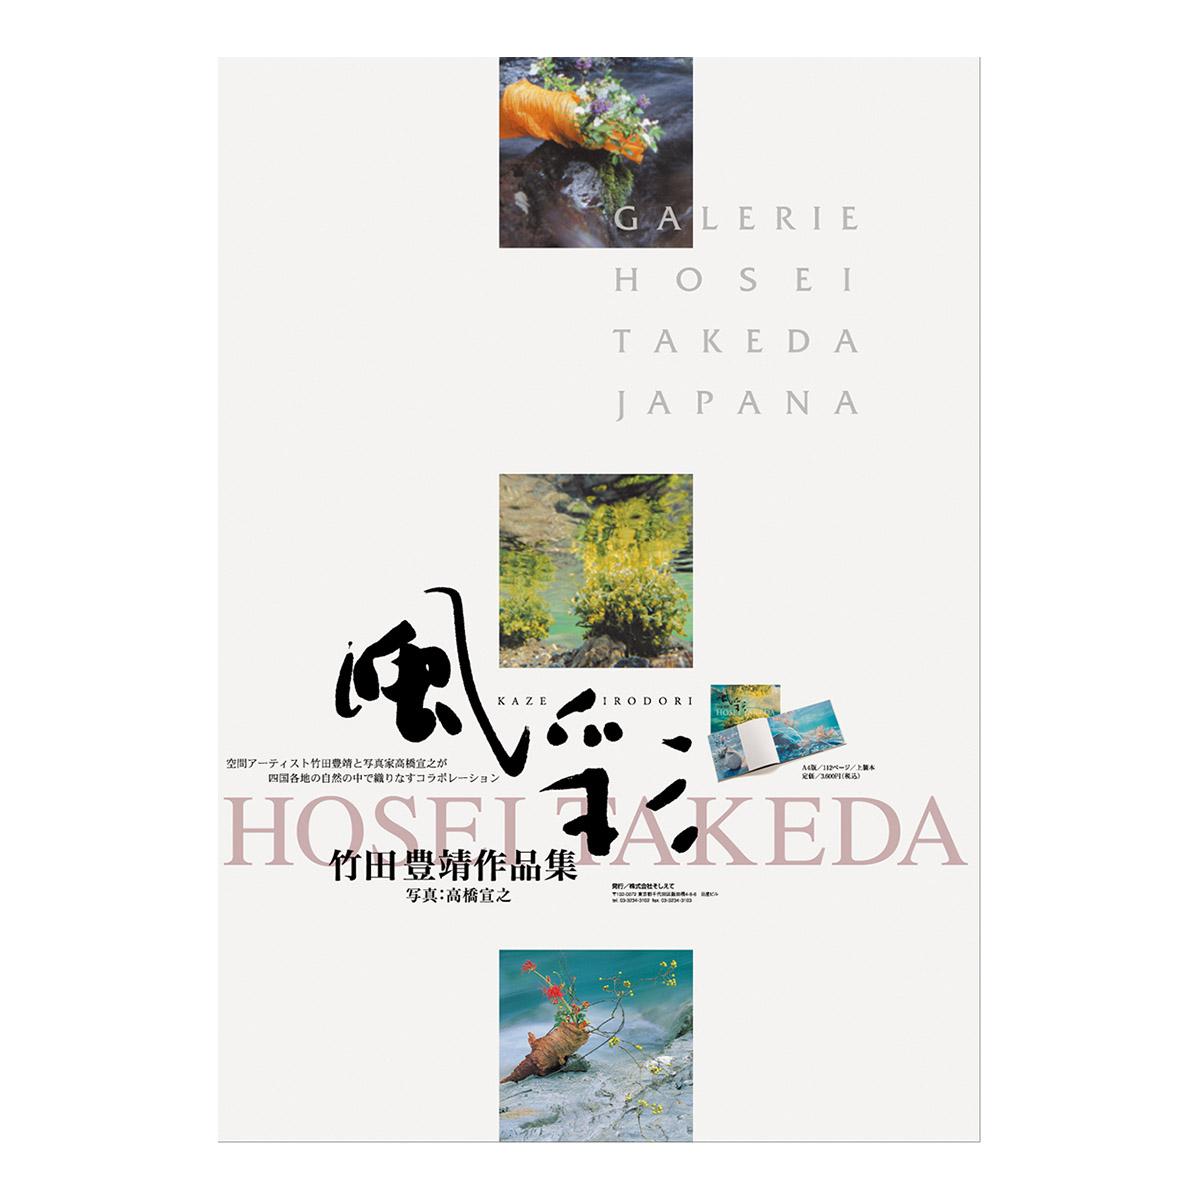 HOSEI 作品集ポスター